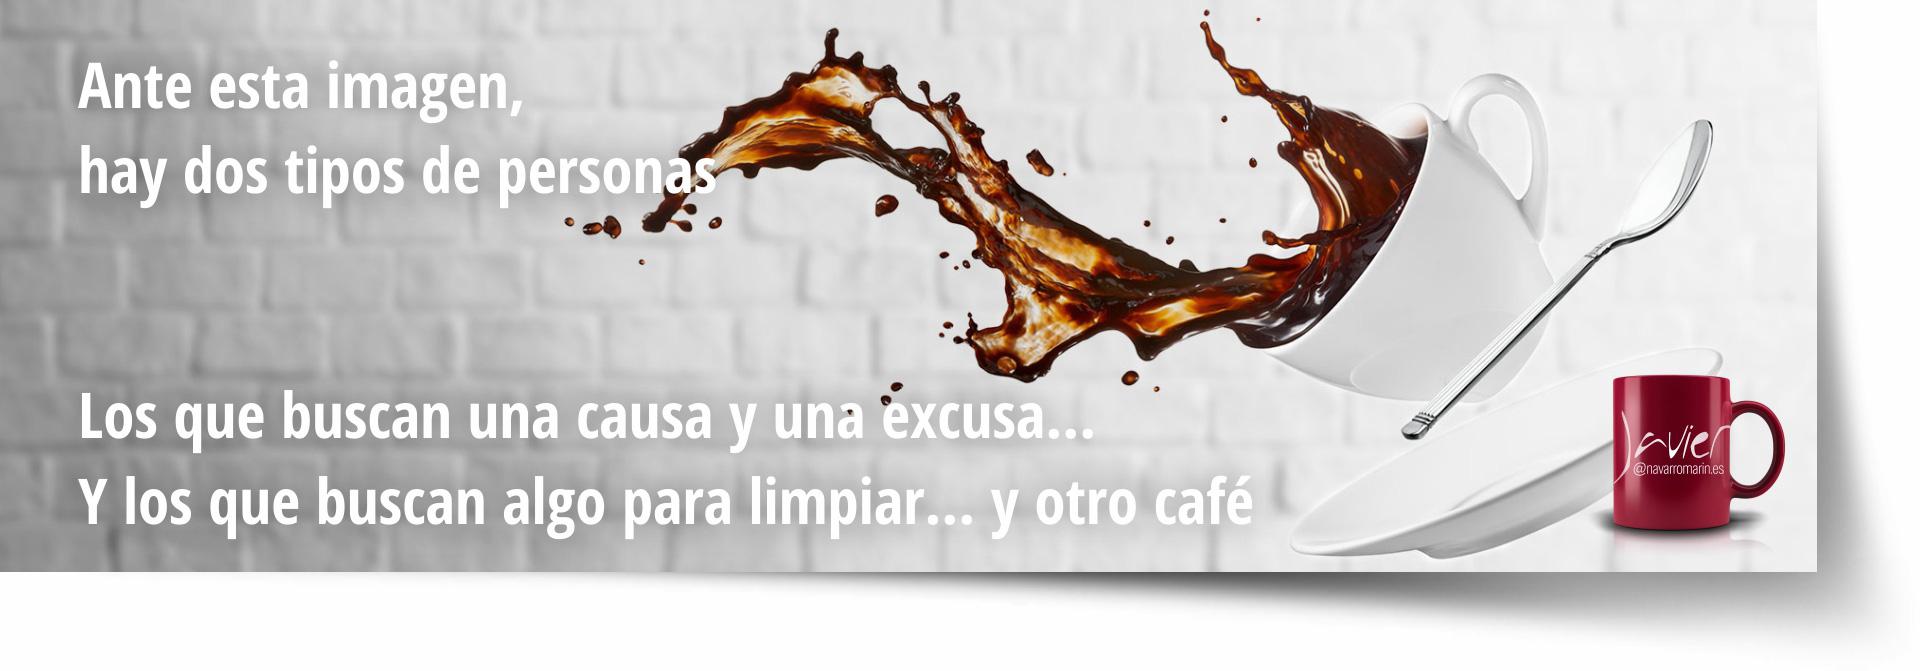 haz algo y pide otro cafe